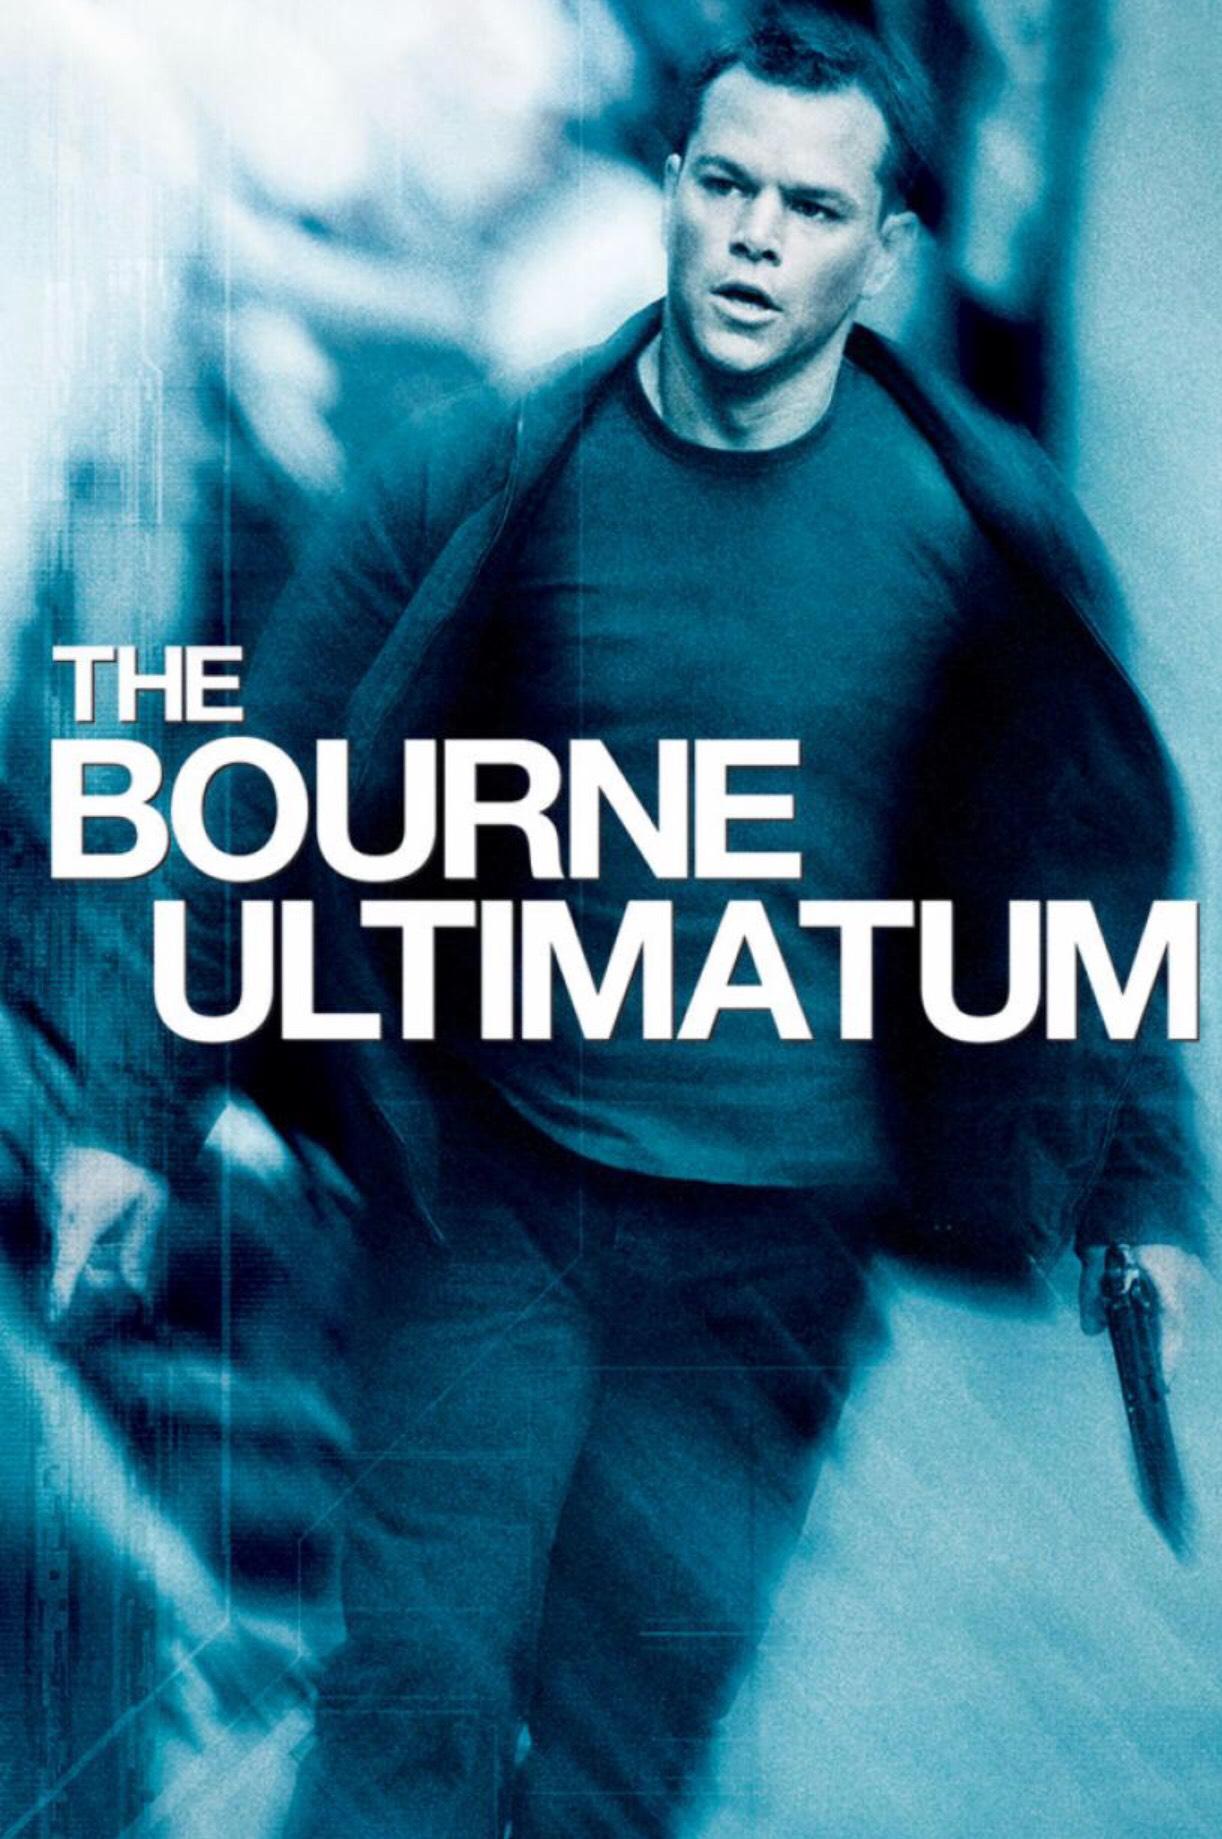 The Bourne Ultimatum iTunes 4K - £3.99